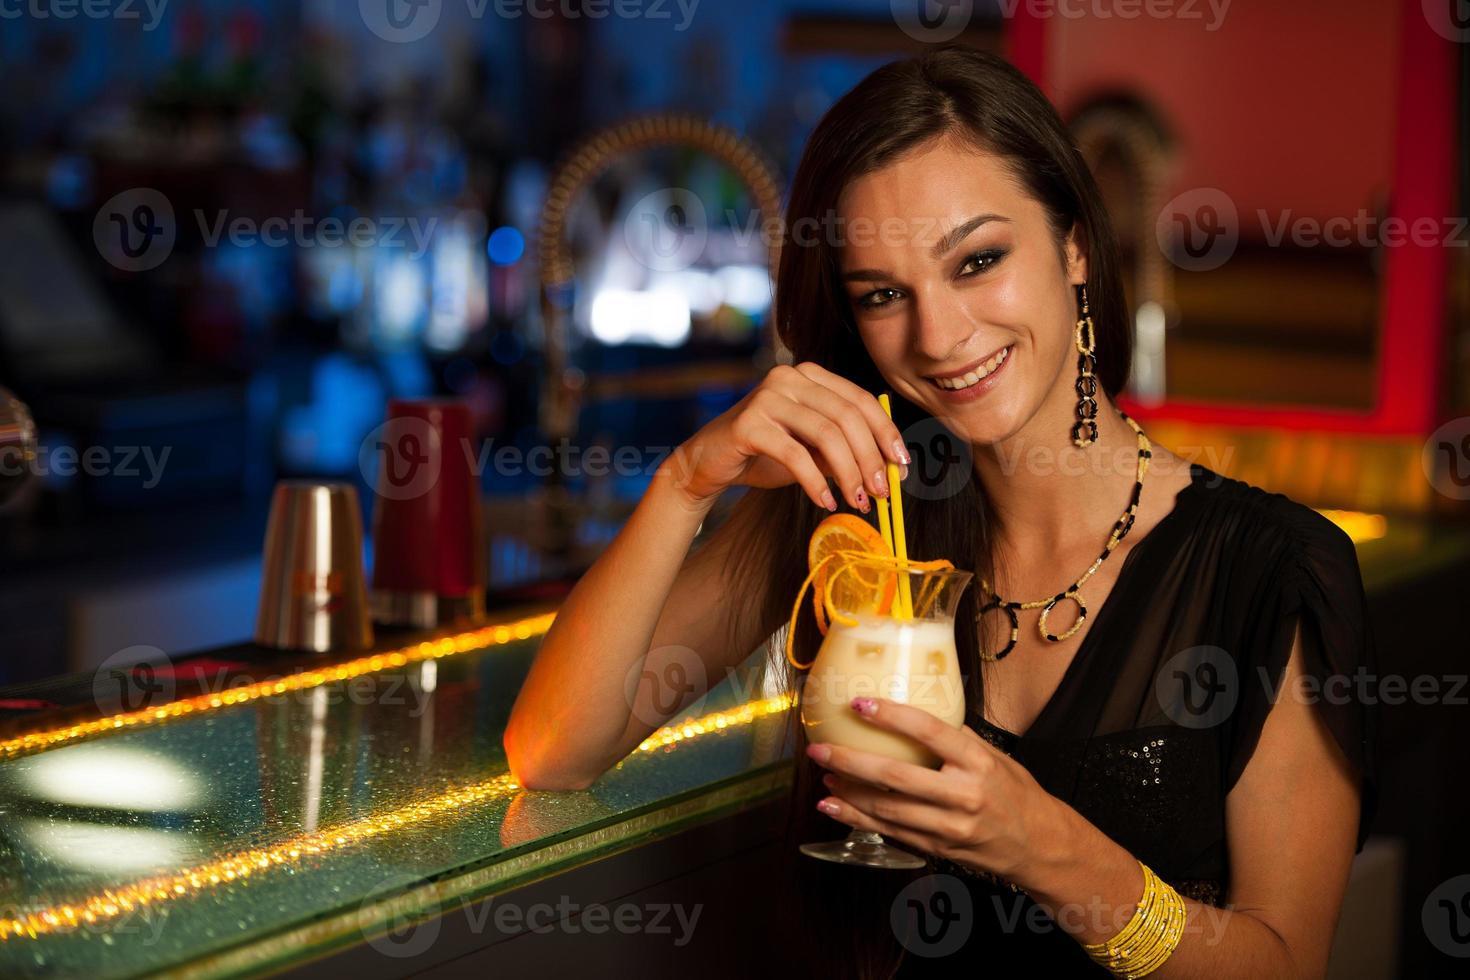 garota bebe um coquetel em boate foto